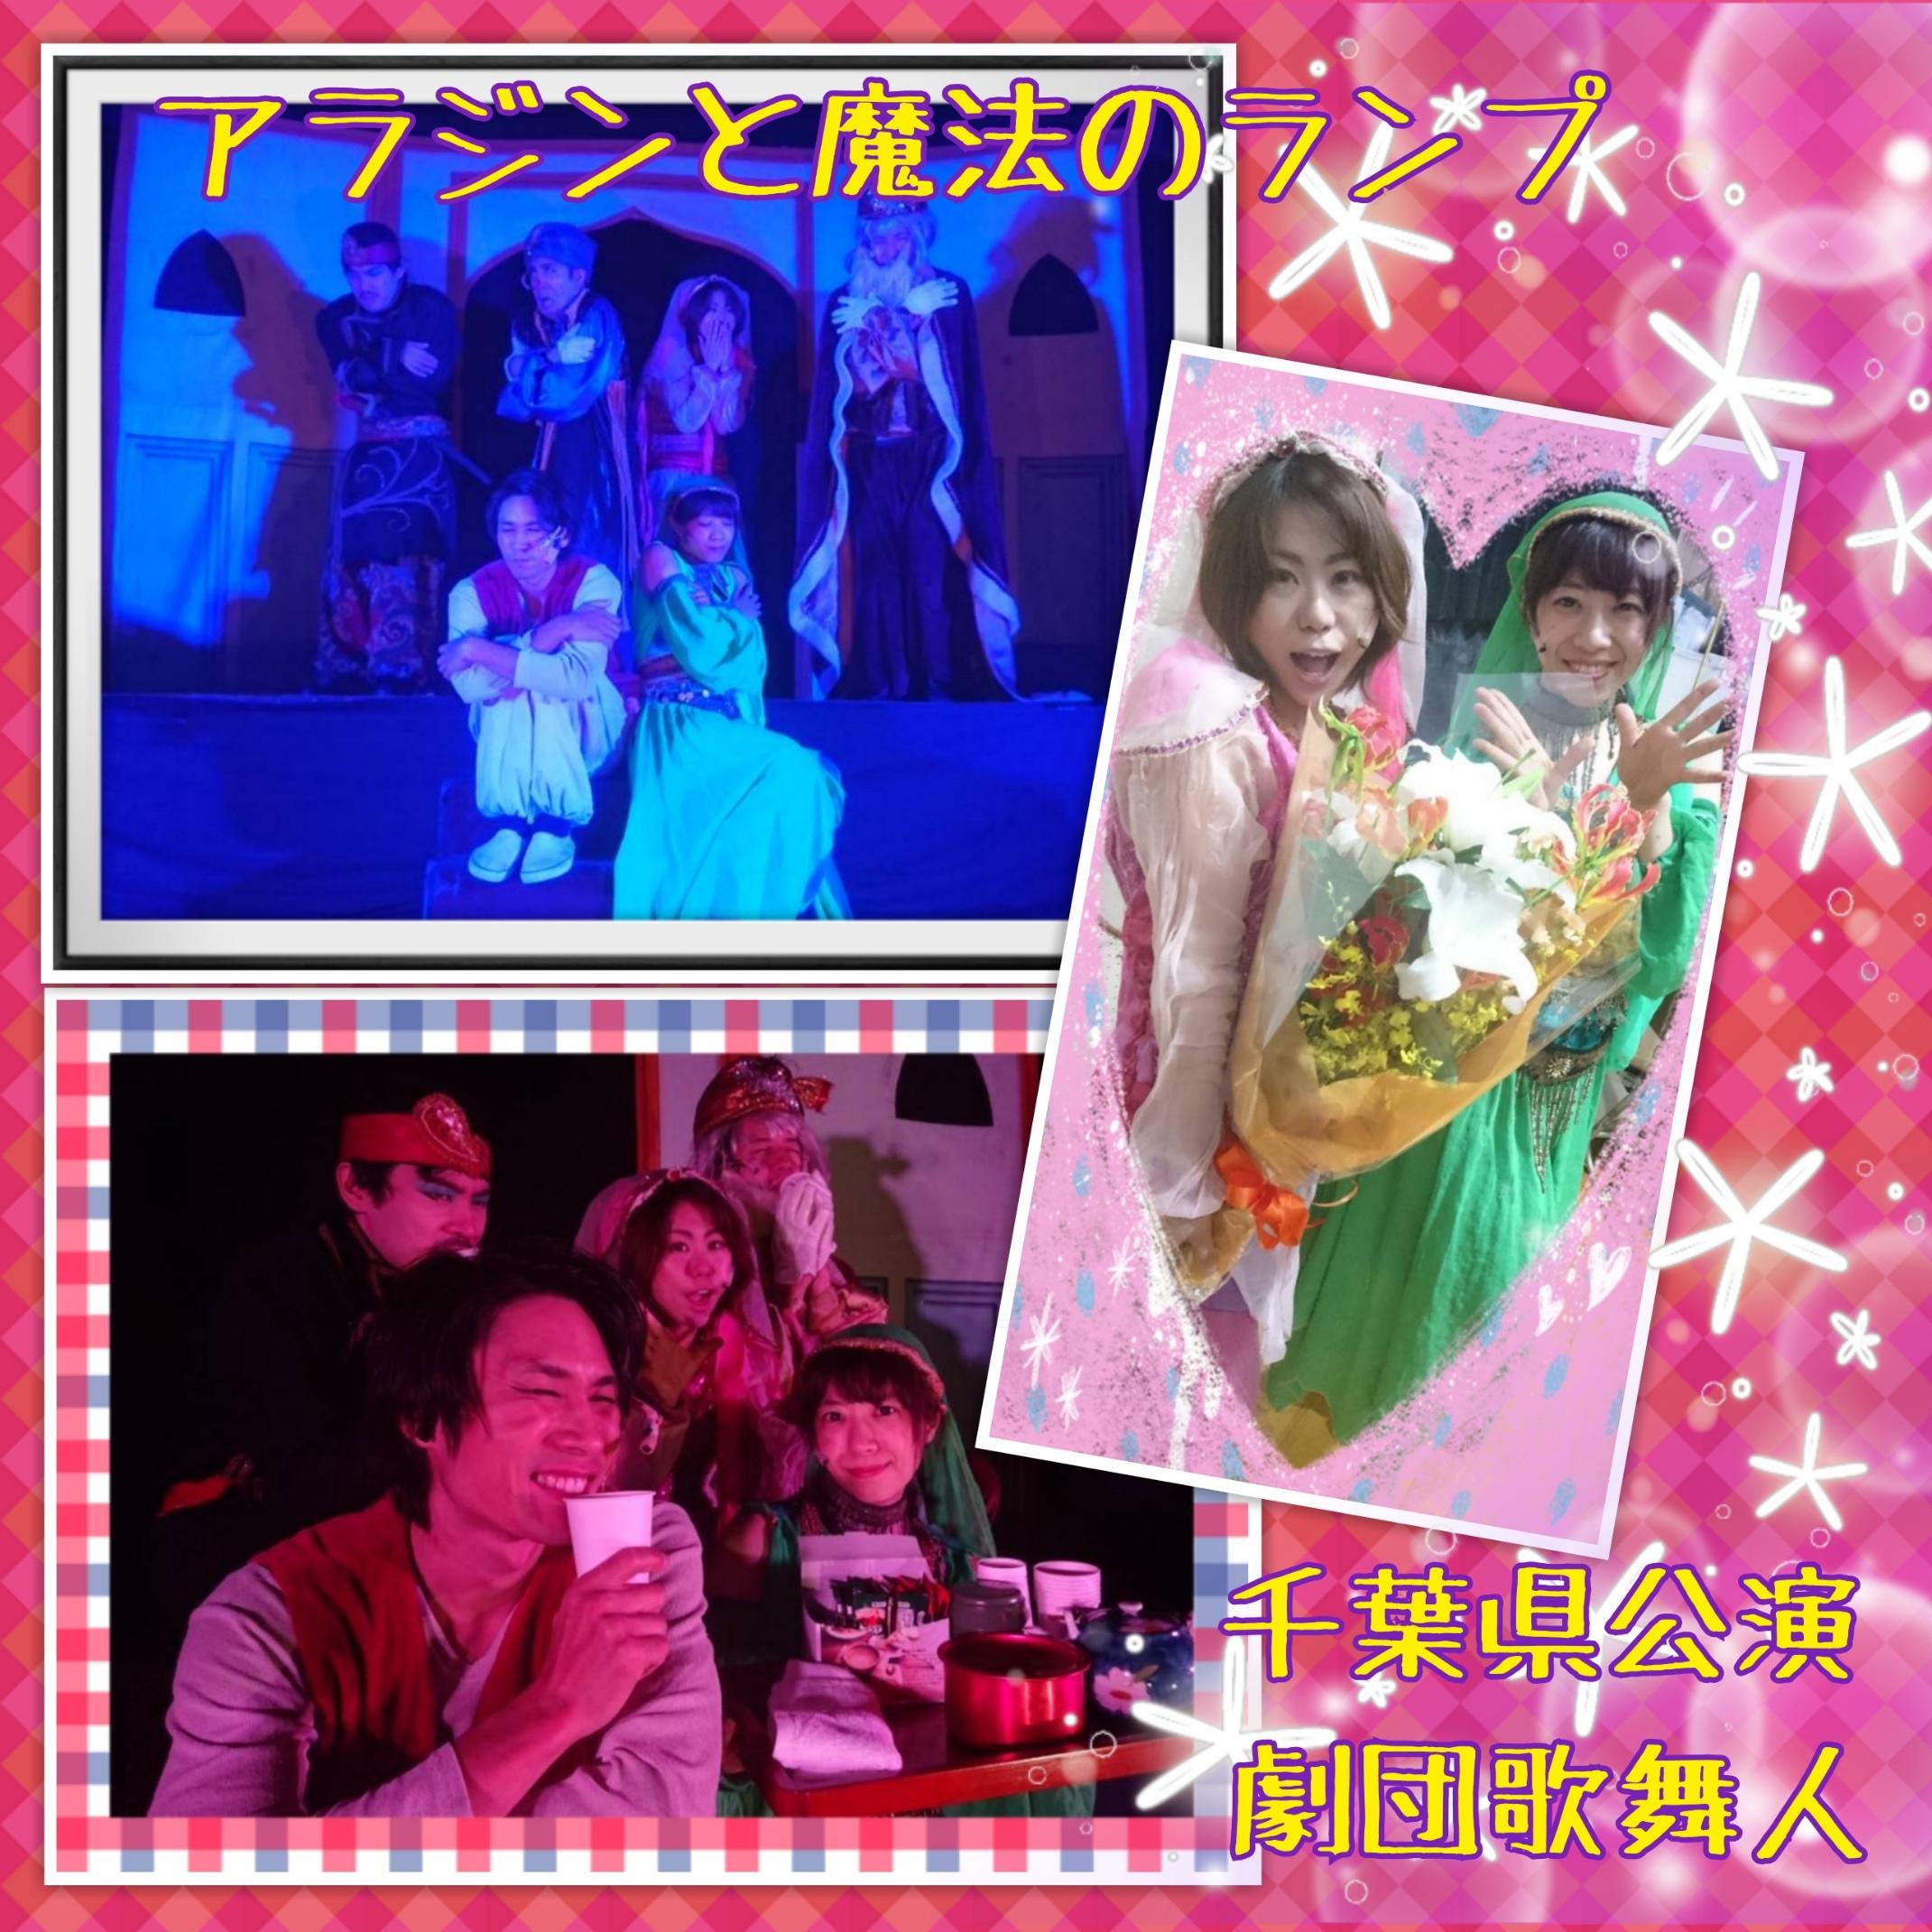 moblog_88679d9d.jpg